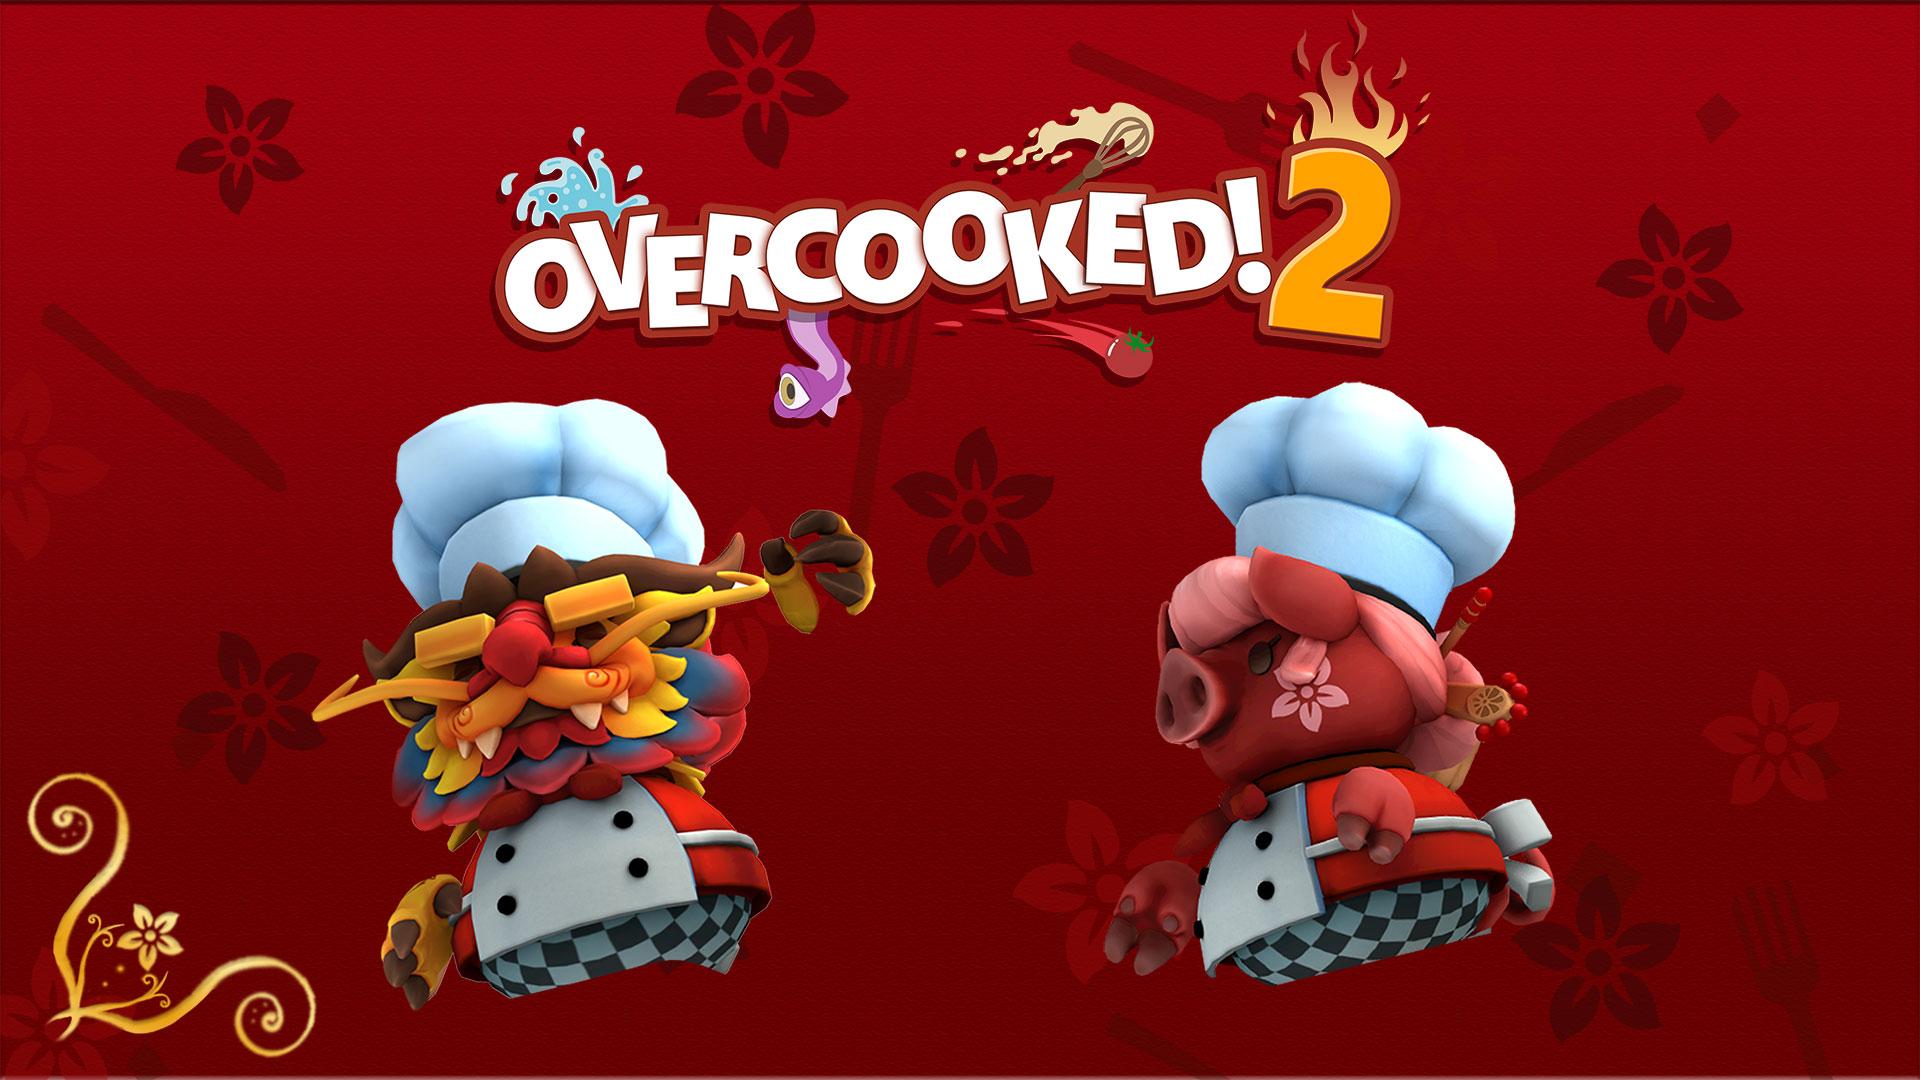 Overcooked 2!